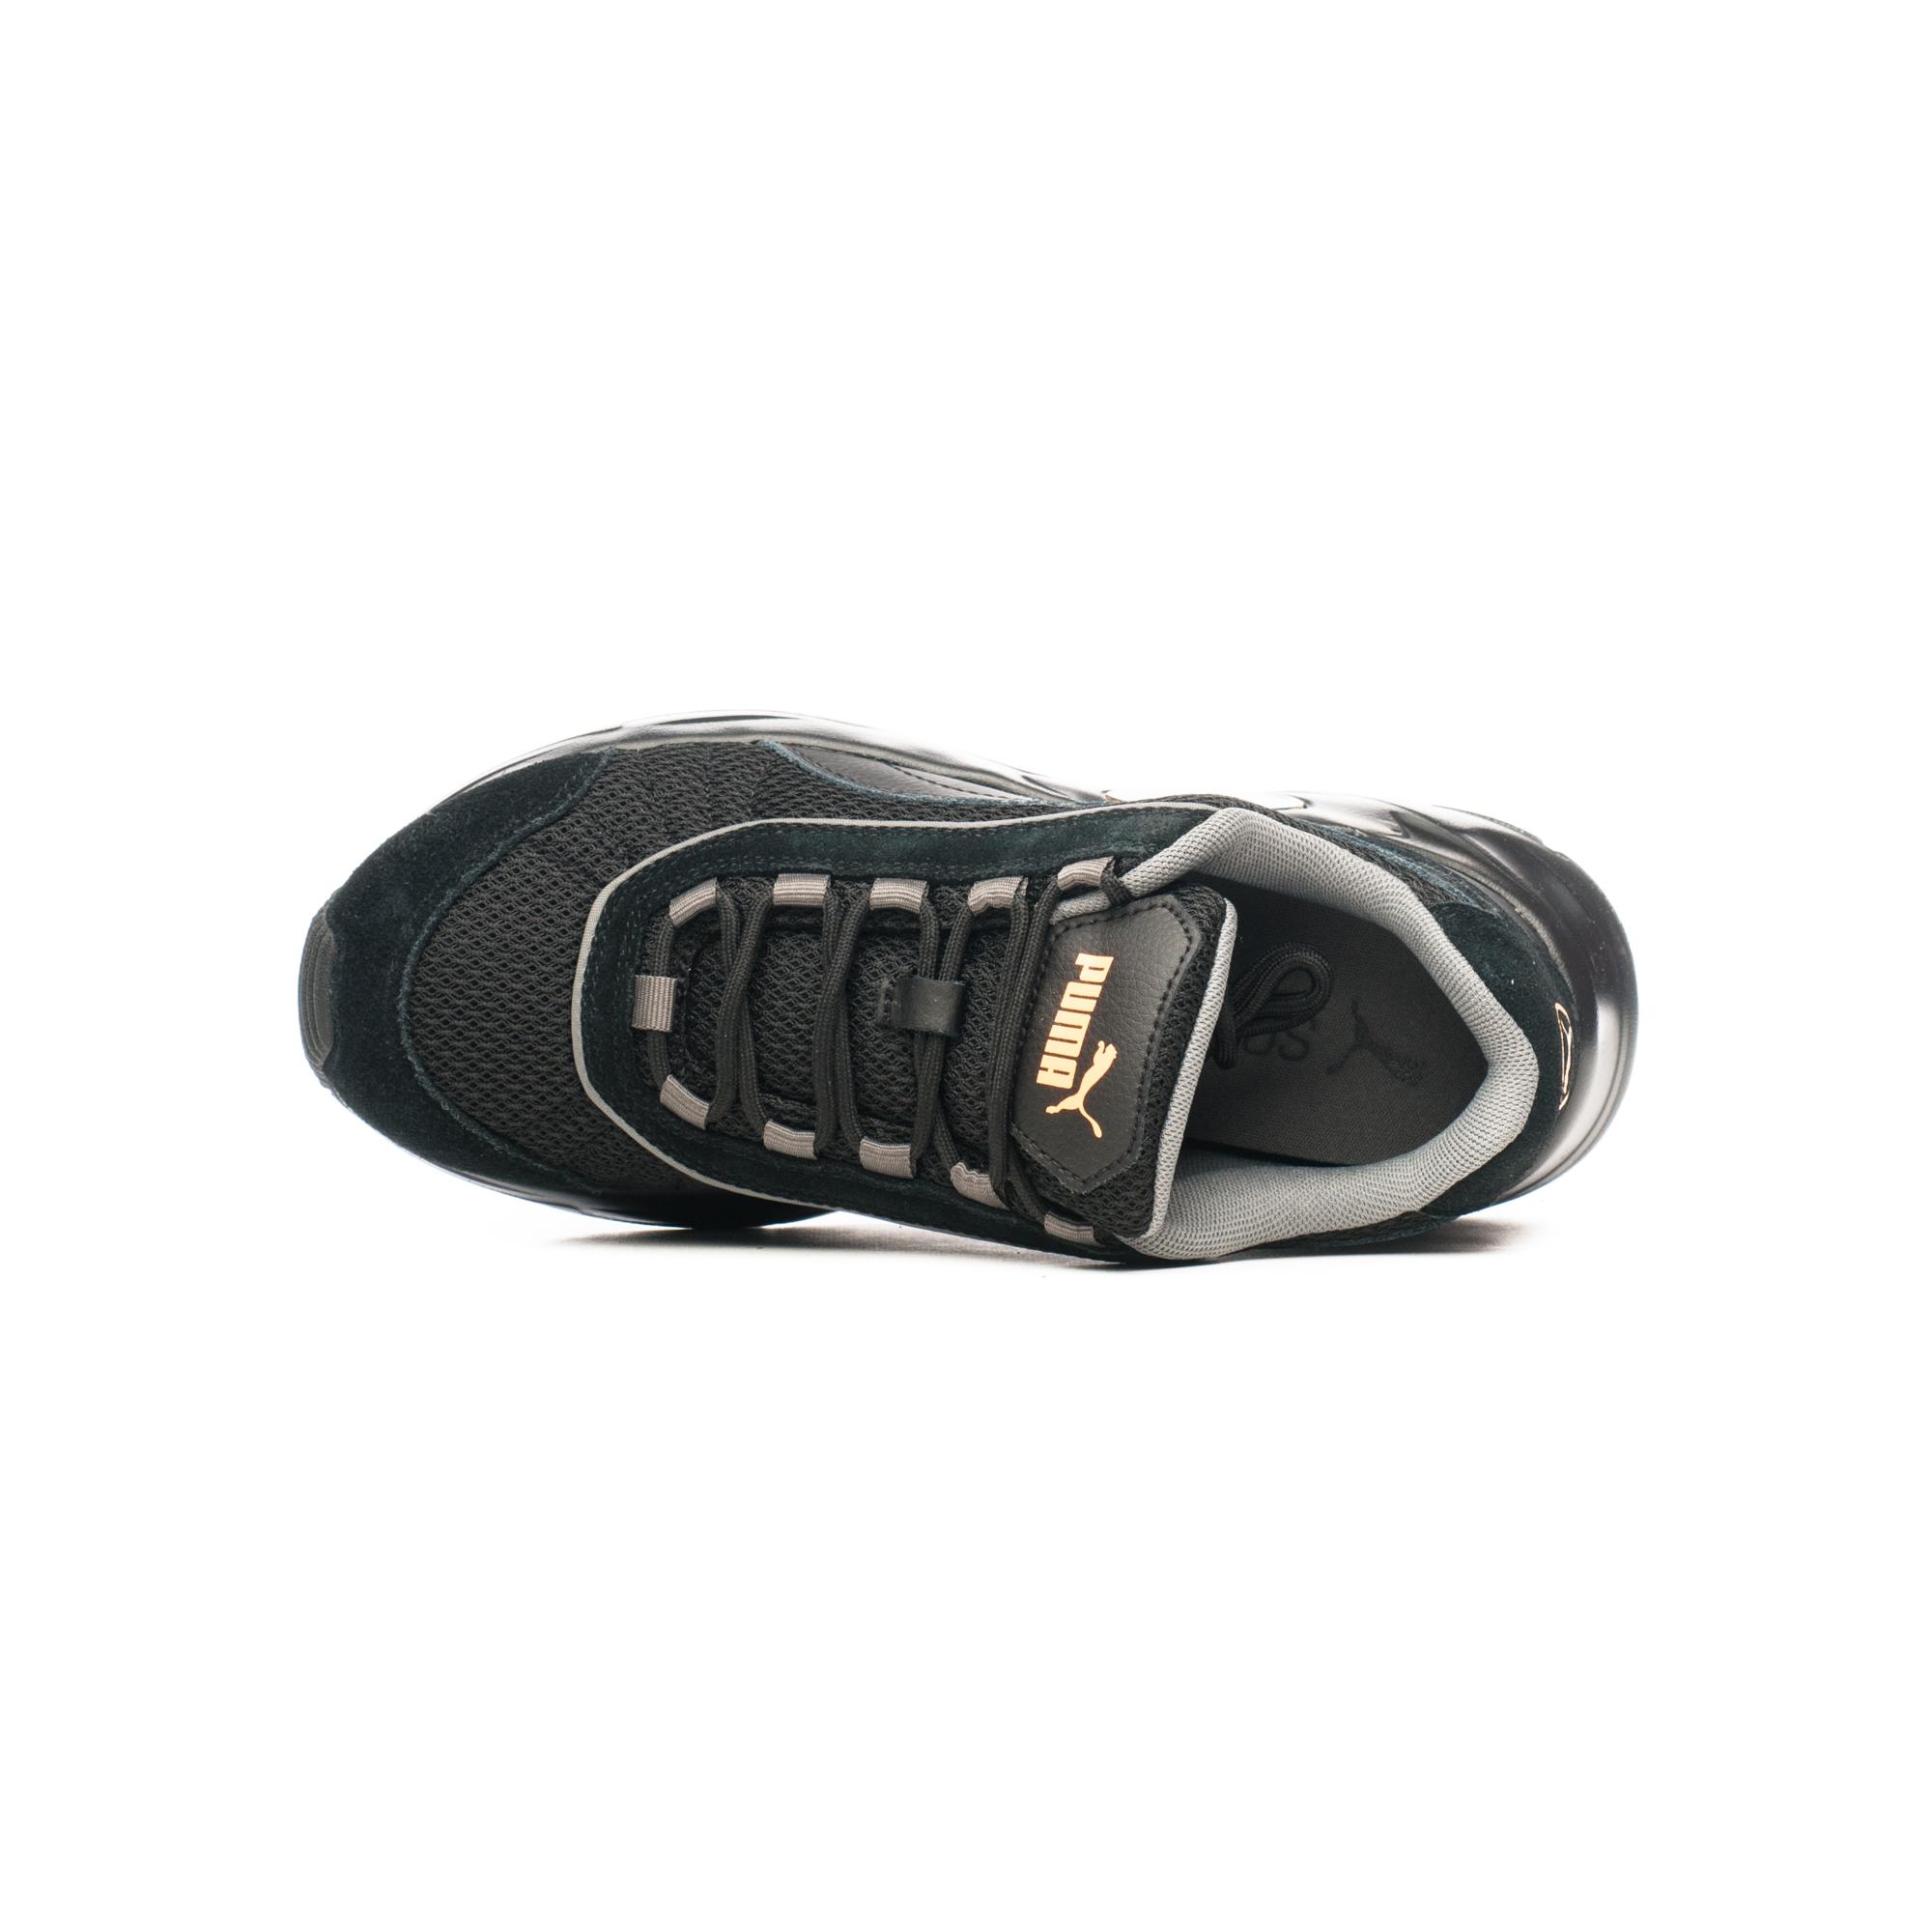 Кросівки чоловічі Puma NUCLEUS LUX